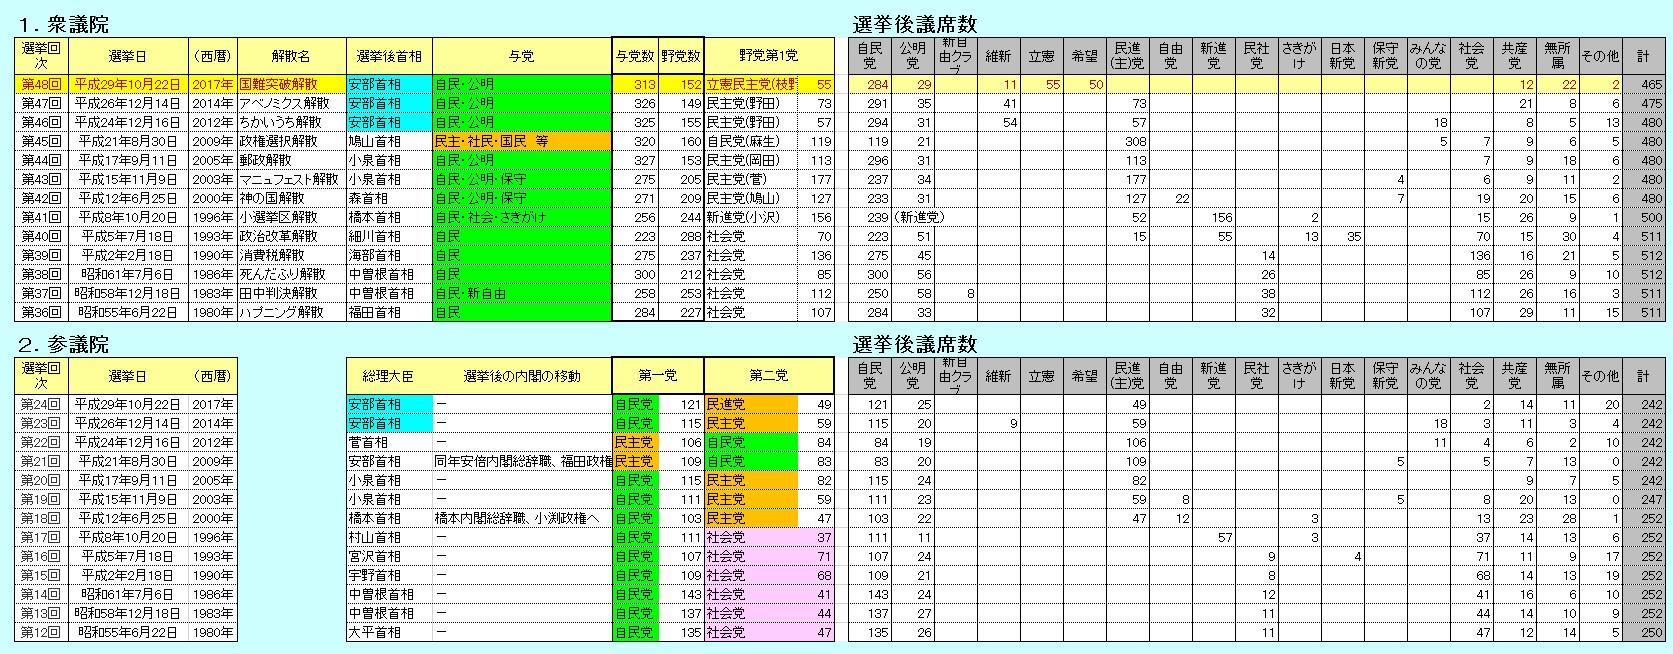 国政選挙 議席数一覧(2017現在)